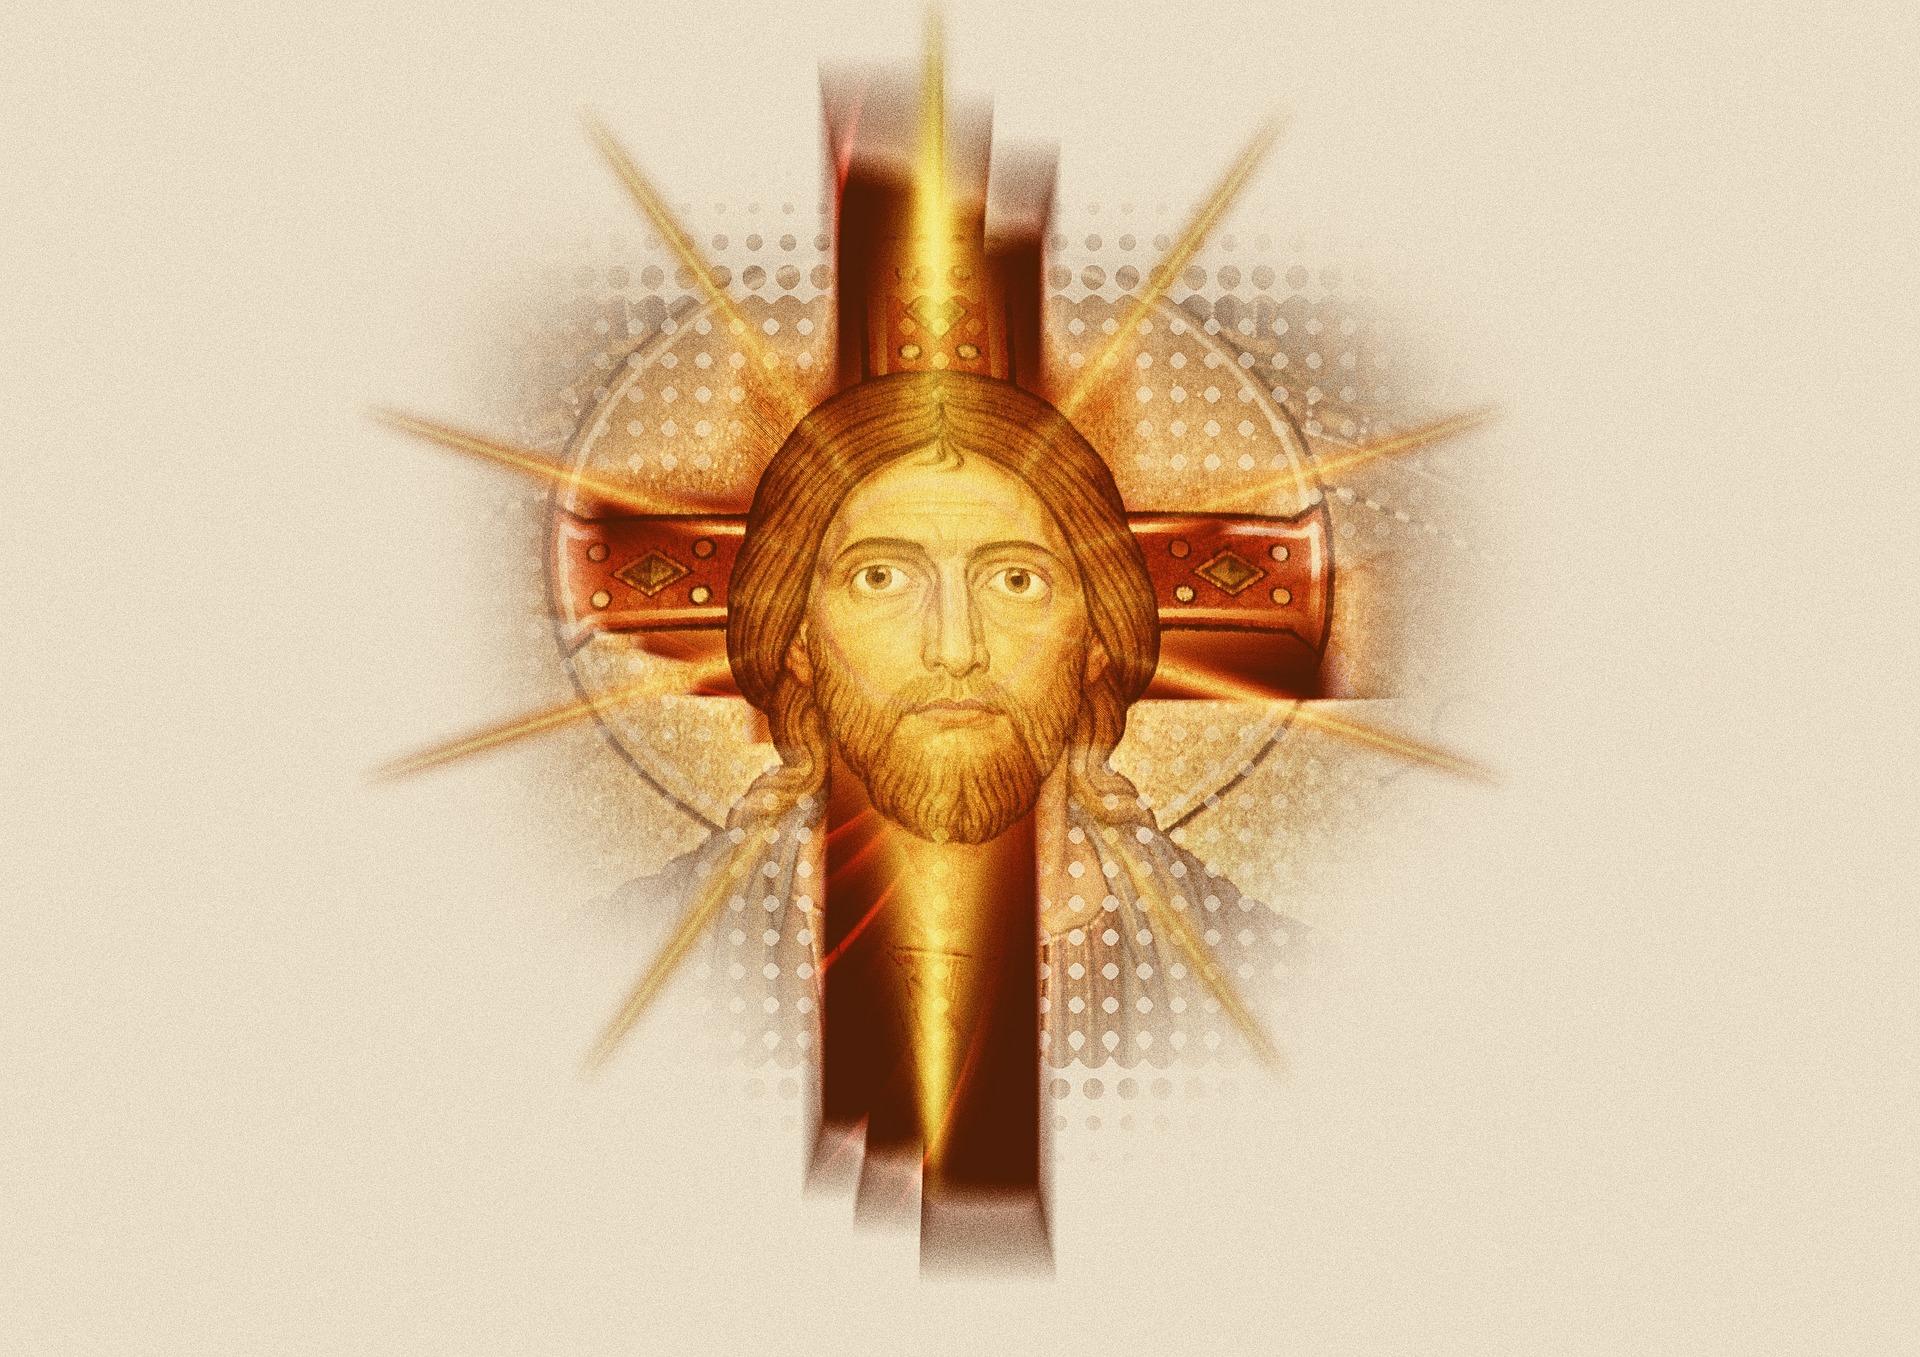 jesus-410223_1920